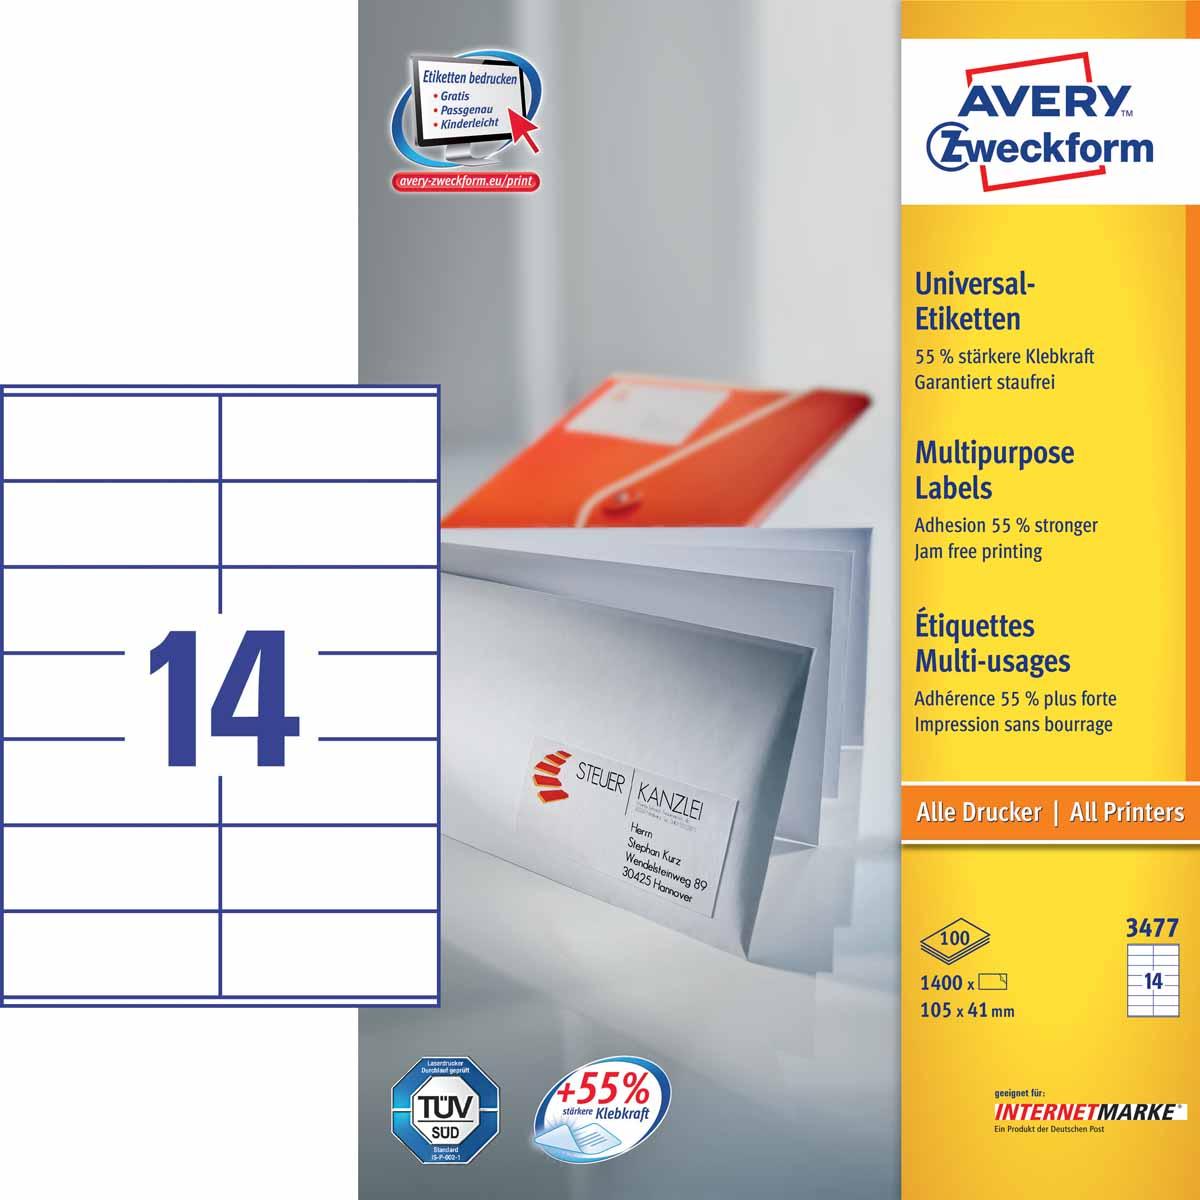 Avery Zweckform Этикетки самоклеящиеся универсальные 105 х 41 мм 1400 шт 100 листов